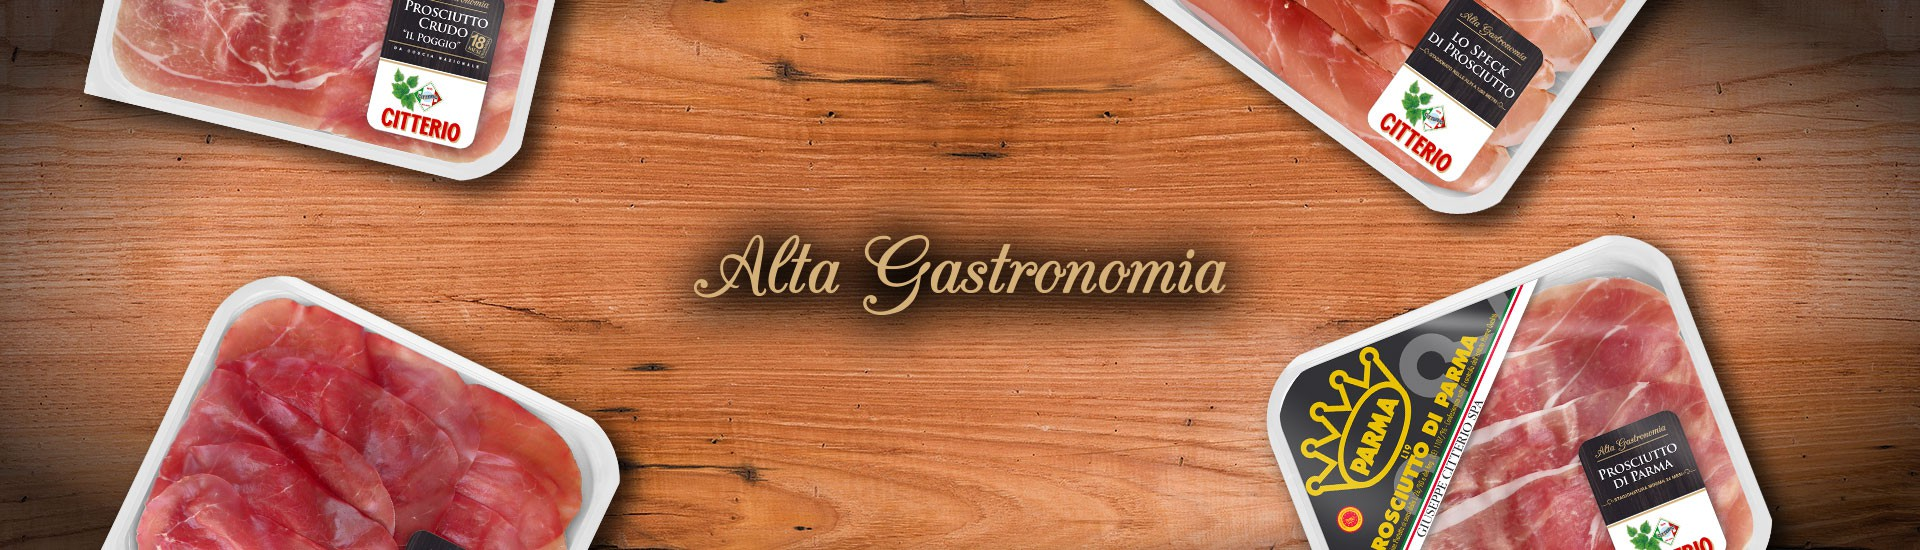 cover-alta-gastronomiaO5vp70.jpg